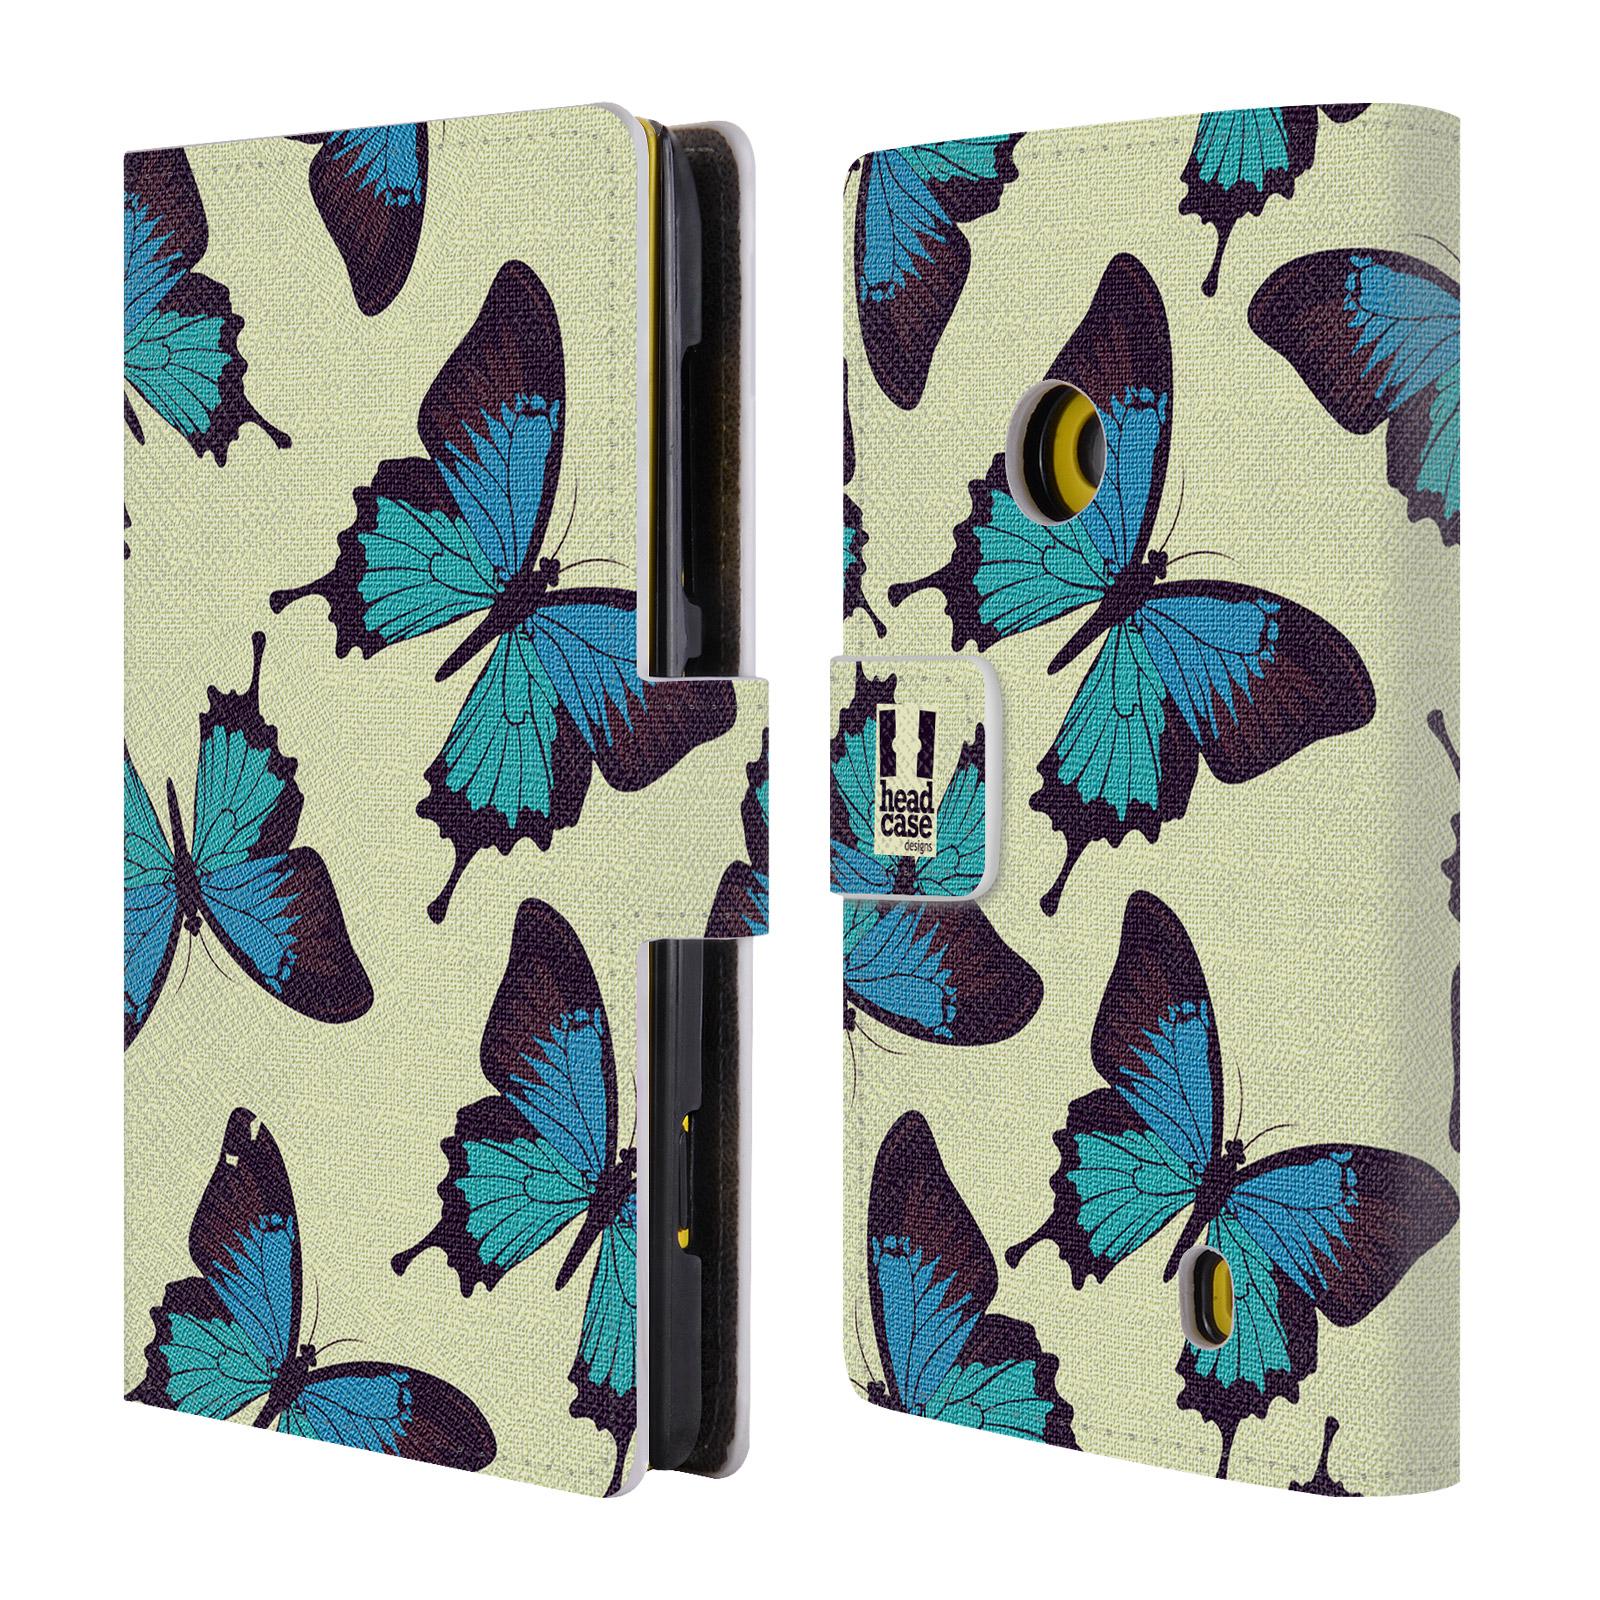 HEAD CASE Flipové pouzdro pro mobil NOKIA LUMIA 520 / 525 Vzorkovaný motýl modrá